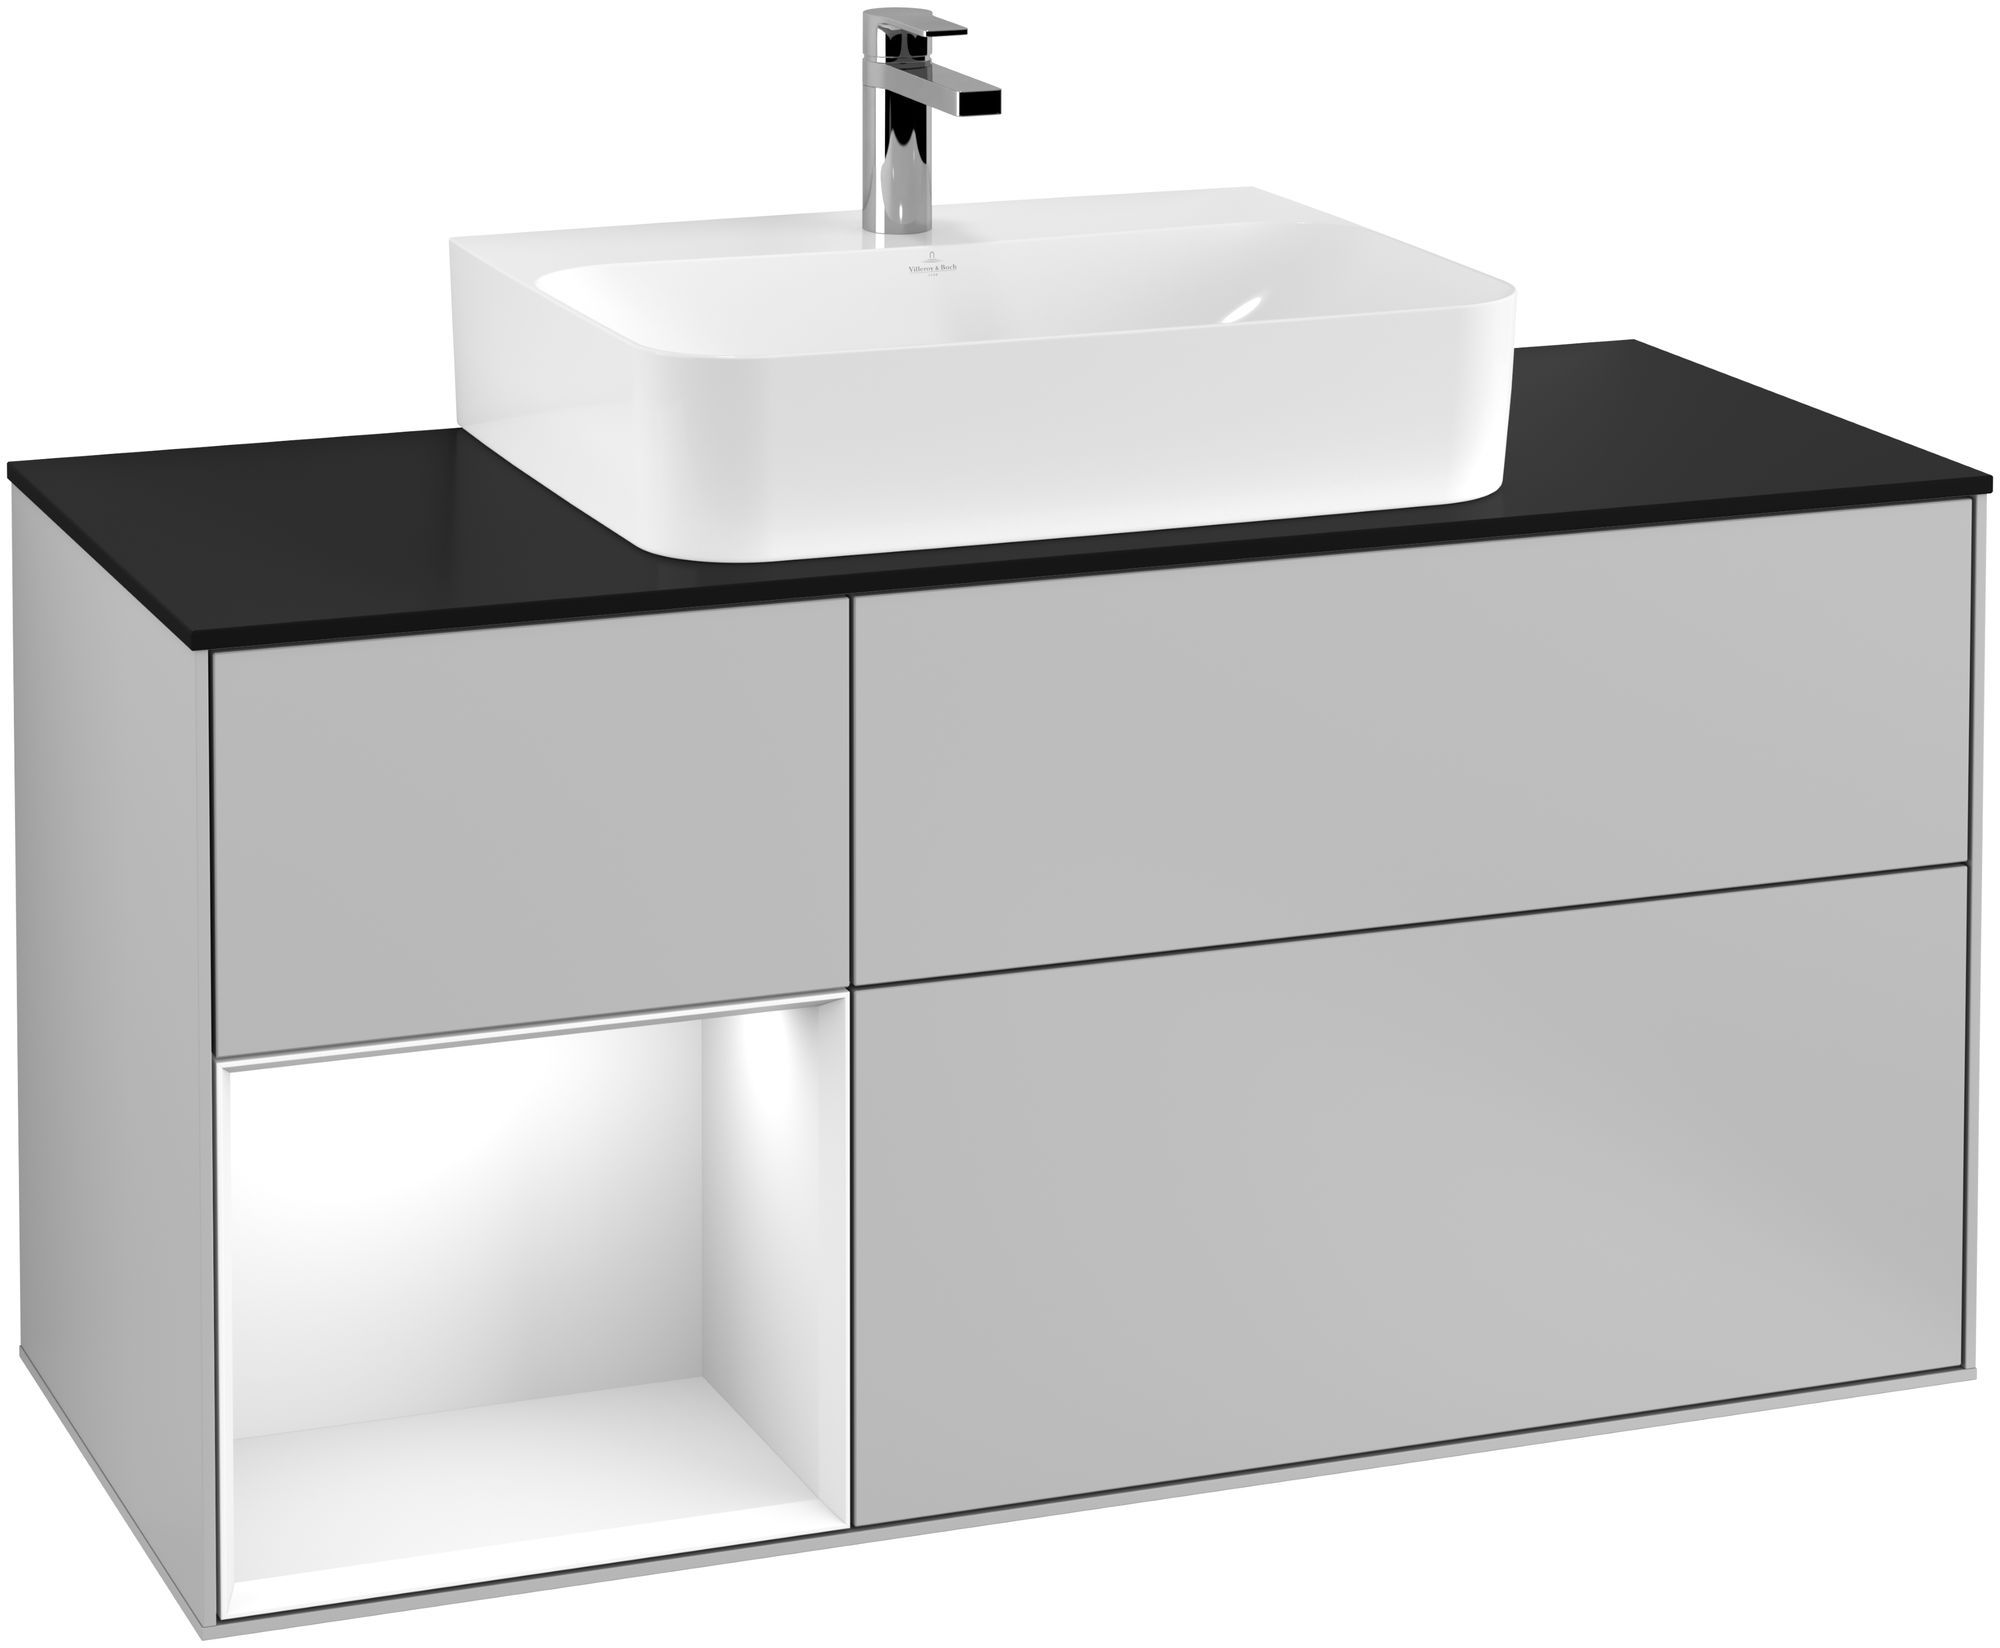 Villeroy & Boch Finion G16 Waschtischunterschrank mit Regalelement 3 Auszüge für WT mittig LED-Beleuchtung B:120xH:60,3xT:50,1cm Front, Korpus: Light Grey Matt, Regal: Glossy White Lack, Glasplatte: Black Matt G162GFGJ